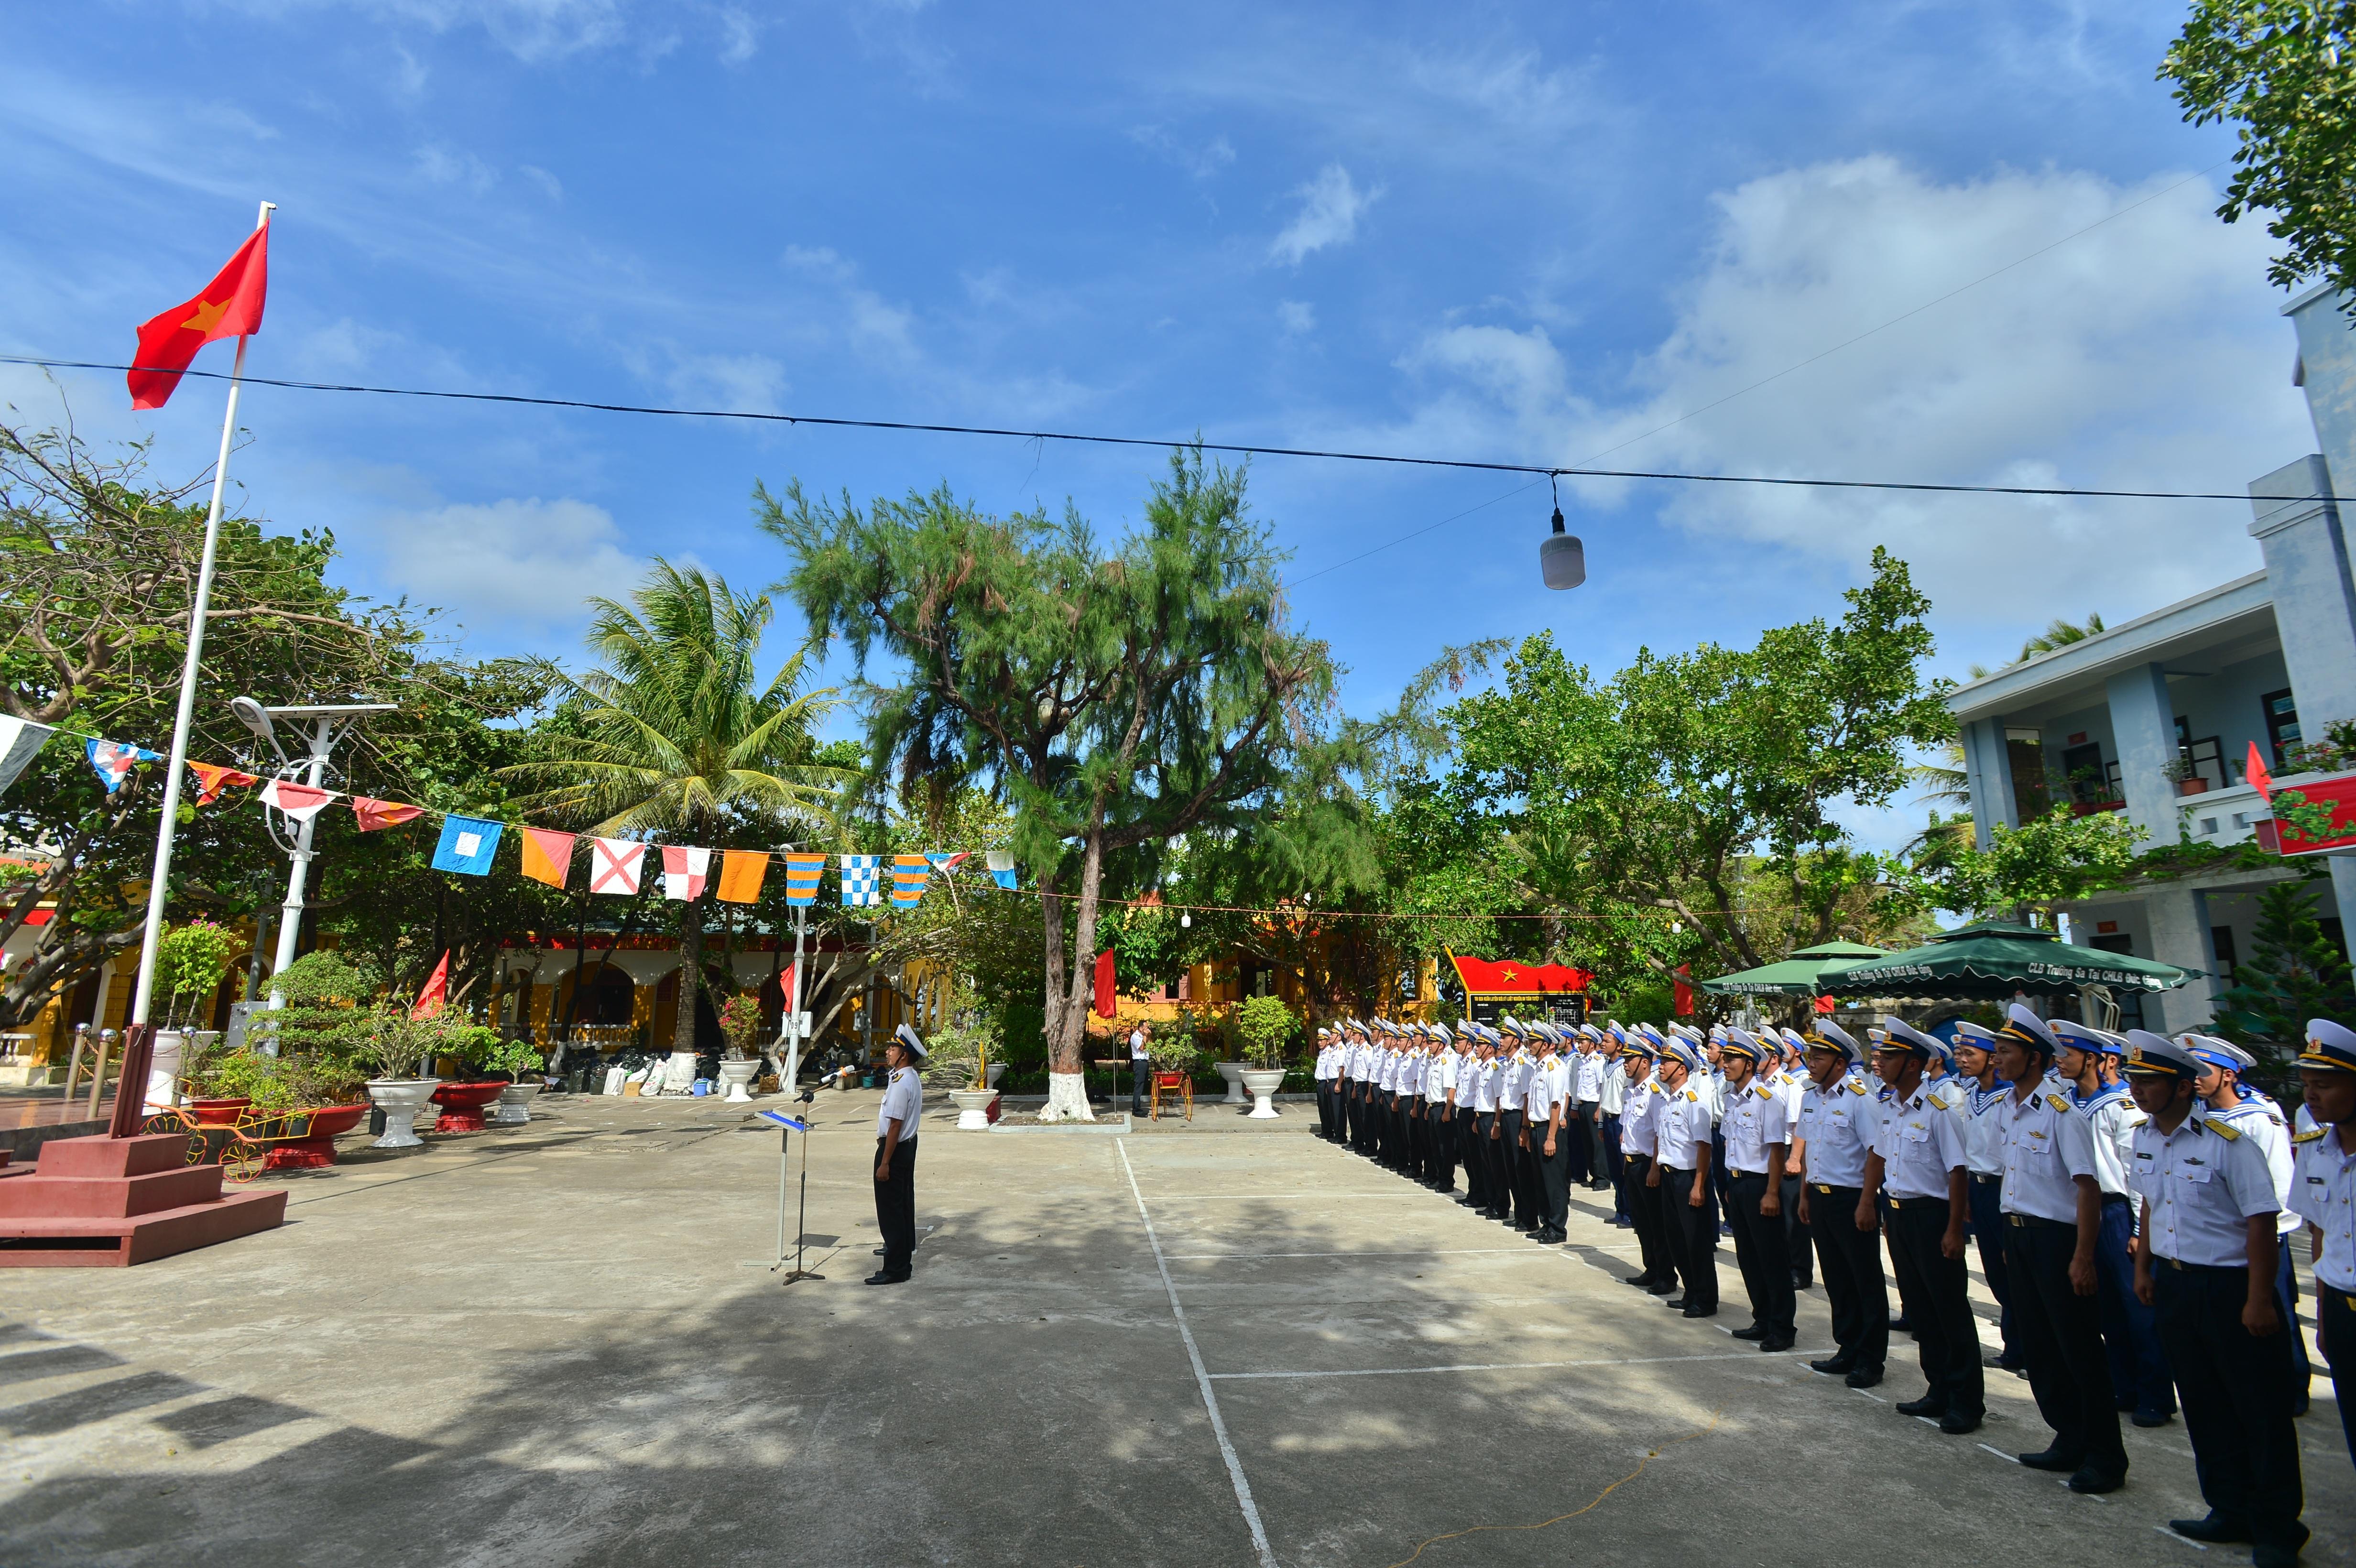 Thiêng liêng lễ chào cờ đầu năm mới tại Trường Sa - 1